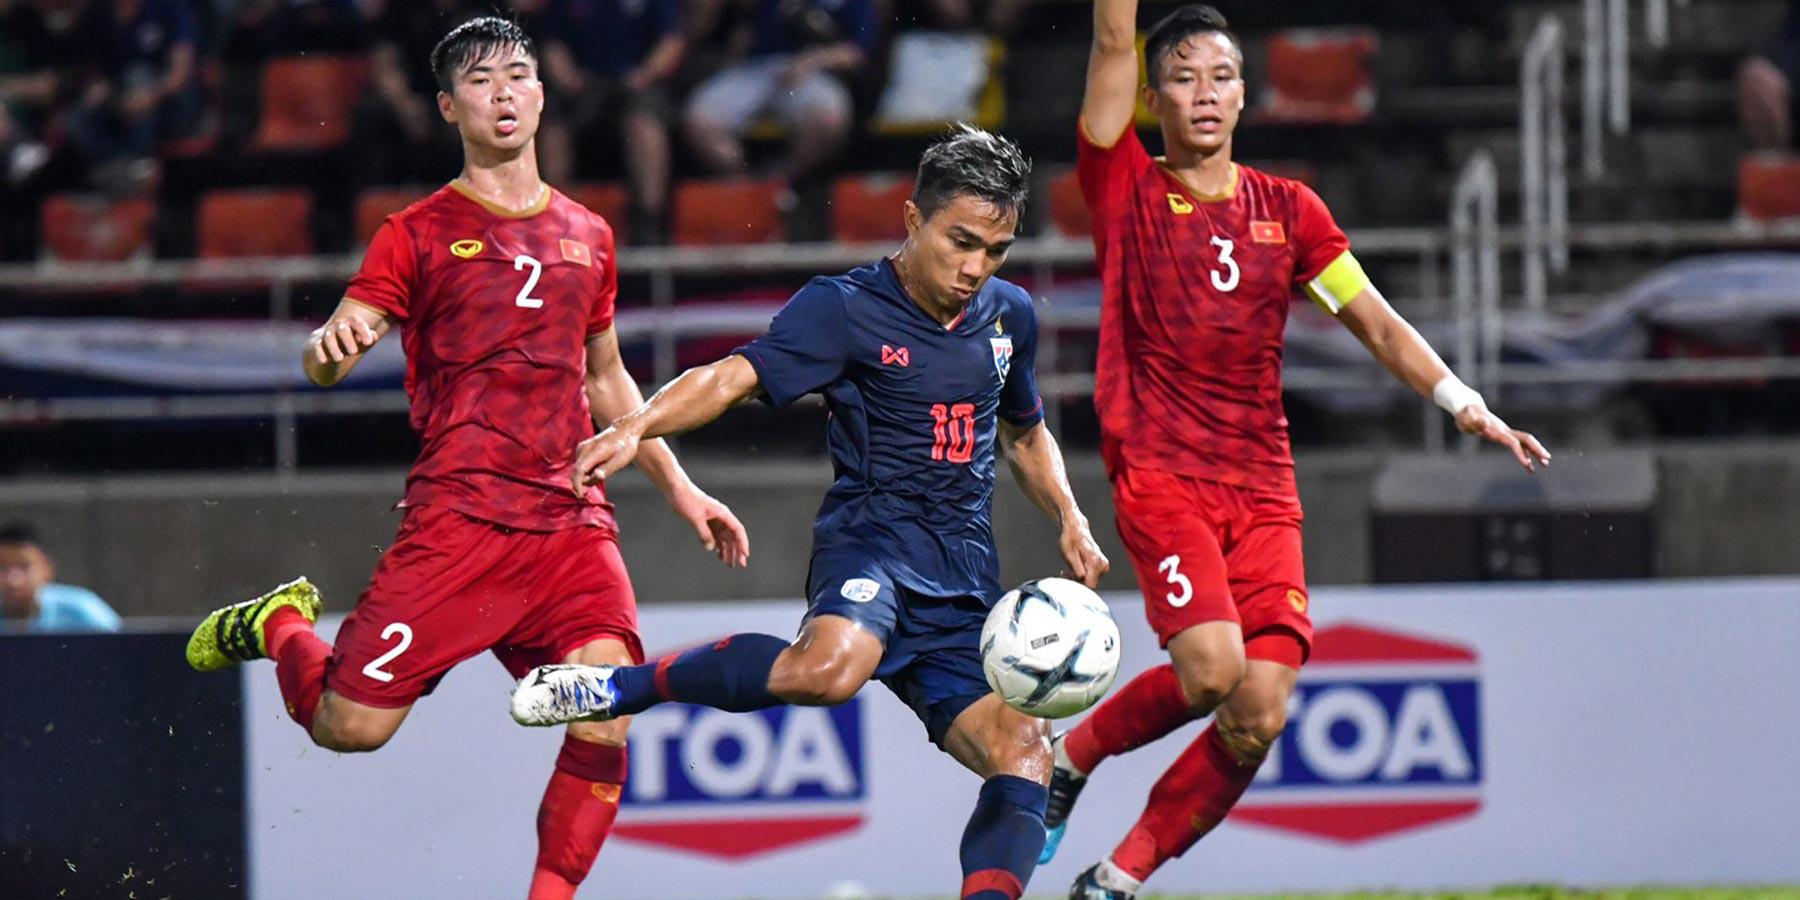 """Thái Lan """"chơi chiêu"""" để cản đường ĐT Việt Nam tại vòng loại World Cup - Ảnh 1."""